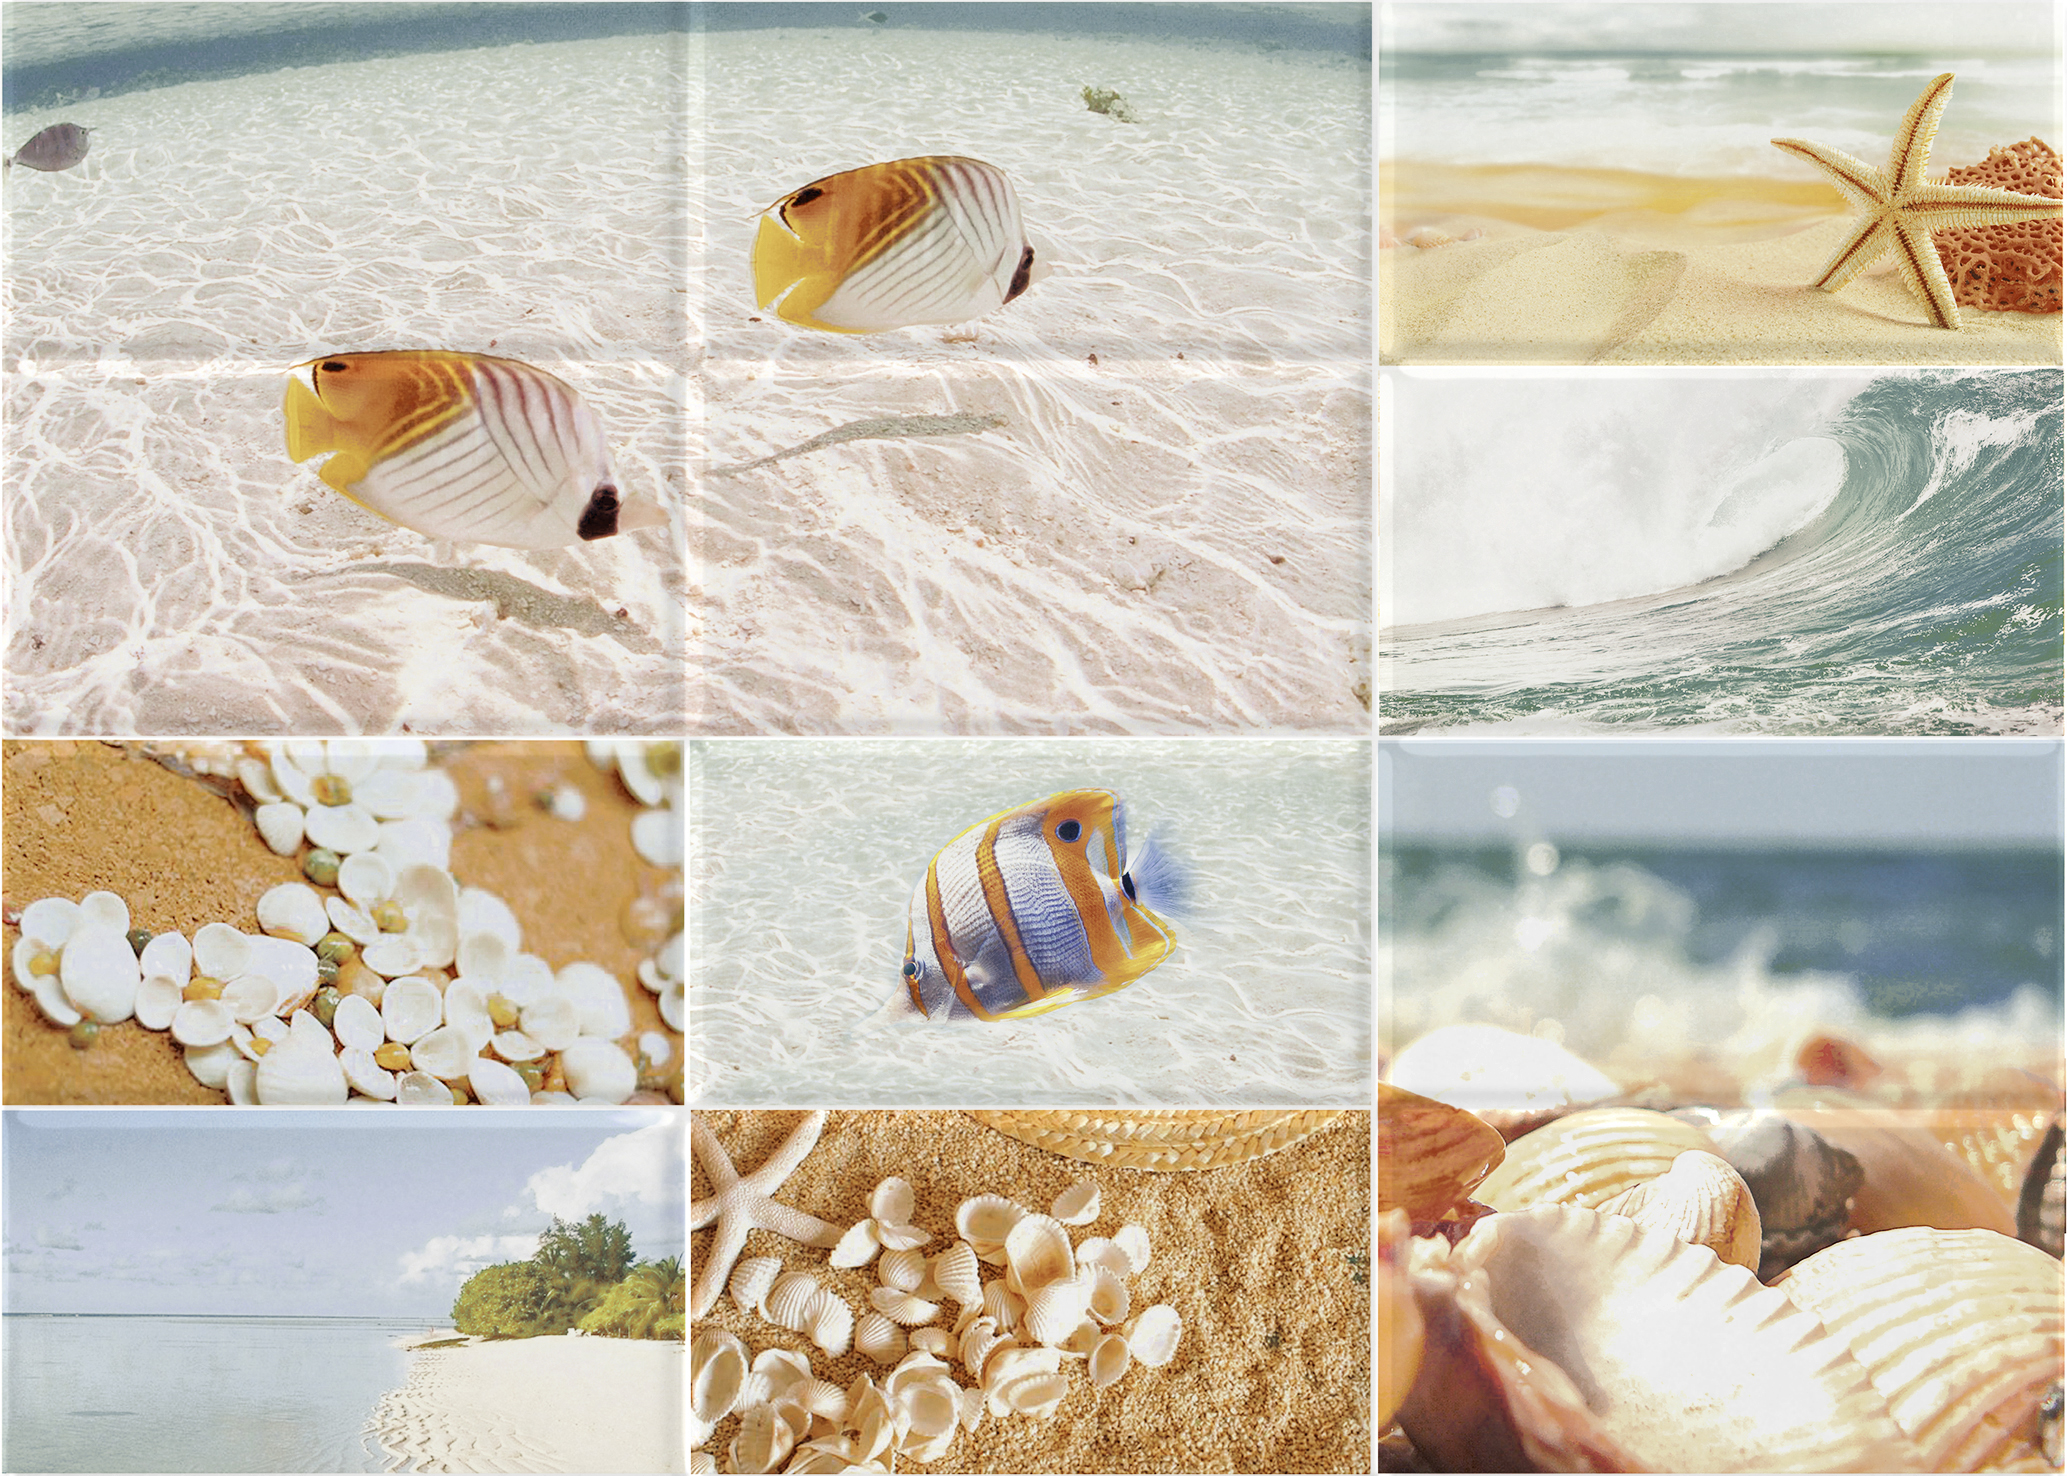 Декор керамический Rovese (cersanit)Керамическая плитка<br>Коллекция: Ocean,<br>Тип: декор,<br>Место укладки: стены,<br>Назначение плитки: для ванной комнаты, туалета,<br>Рисунок: флора,<br>Цвет: бежевый,<br>Поверхность: рельефная, глянцевая,<br>Размер плитки: 250х350,<br>Толщина: 7,<br>Страна происхождения: Россия,<br>Количество в упаковке: 15<br>